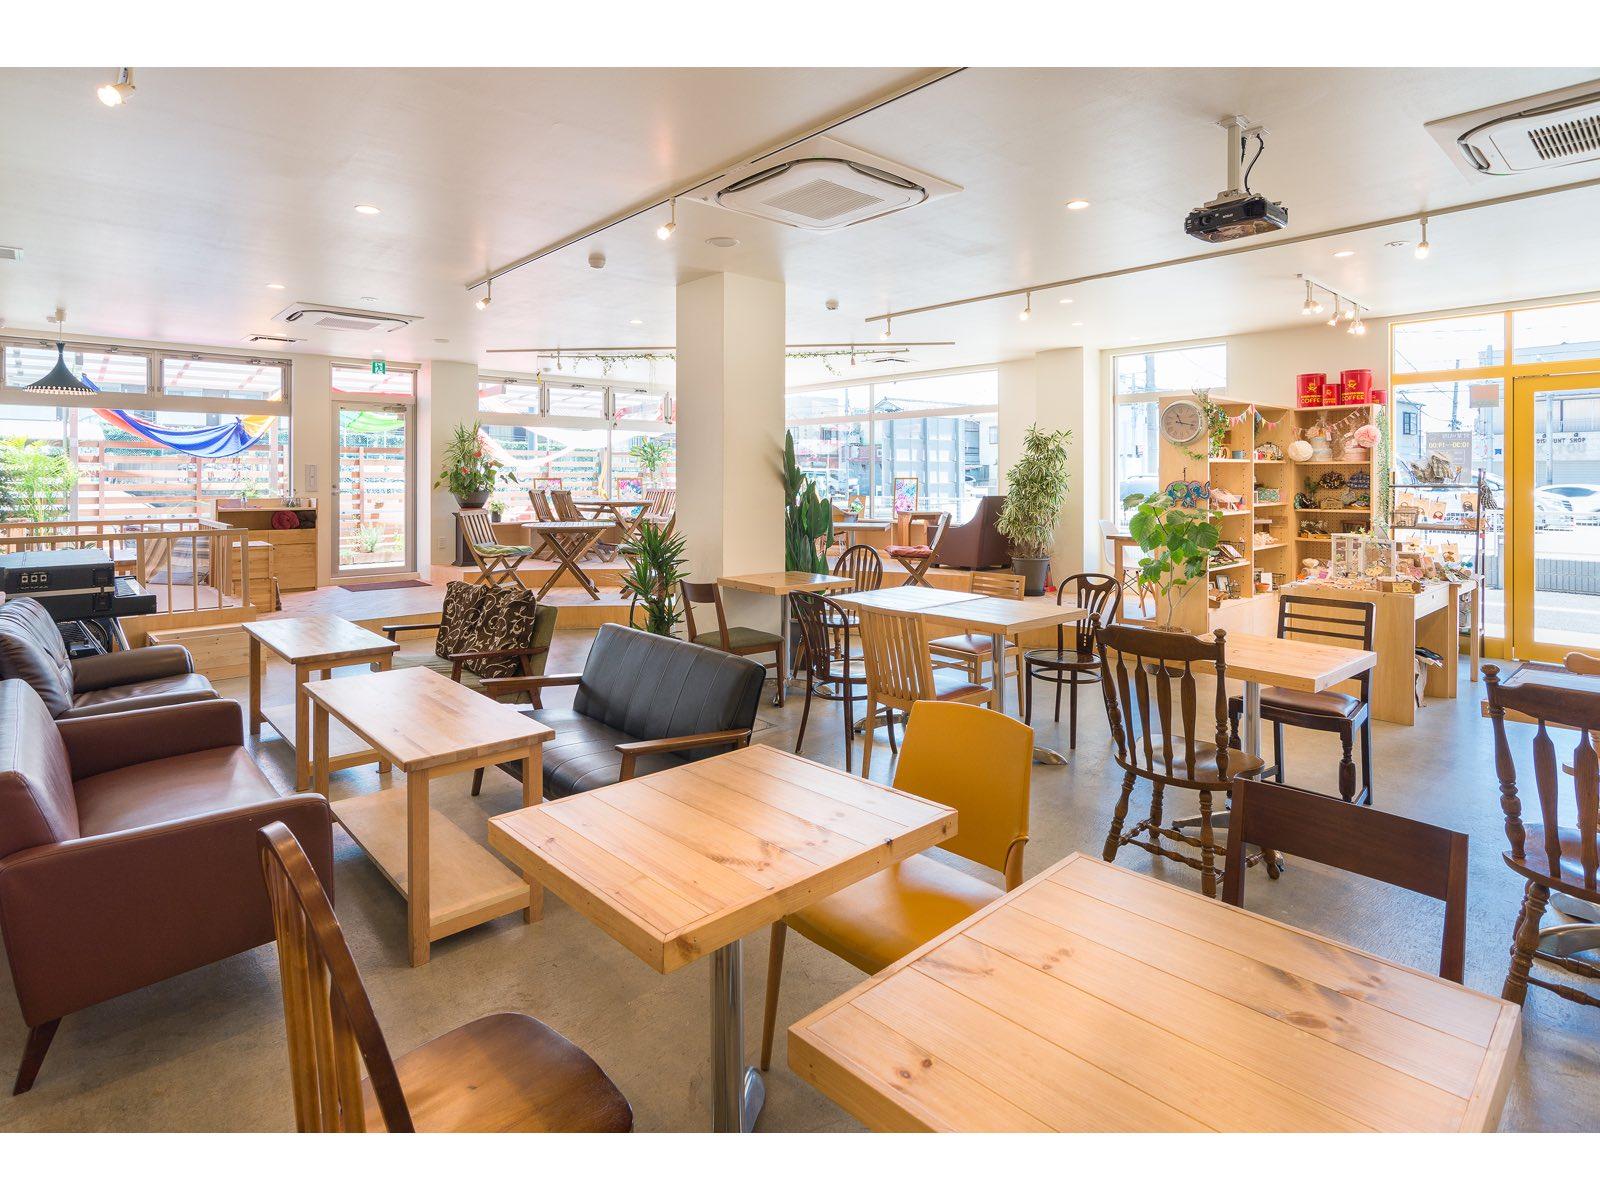 T-park cafe